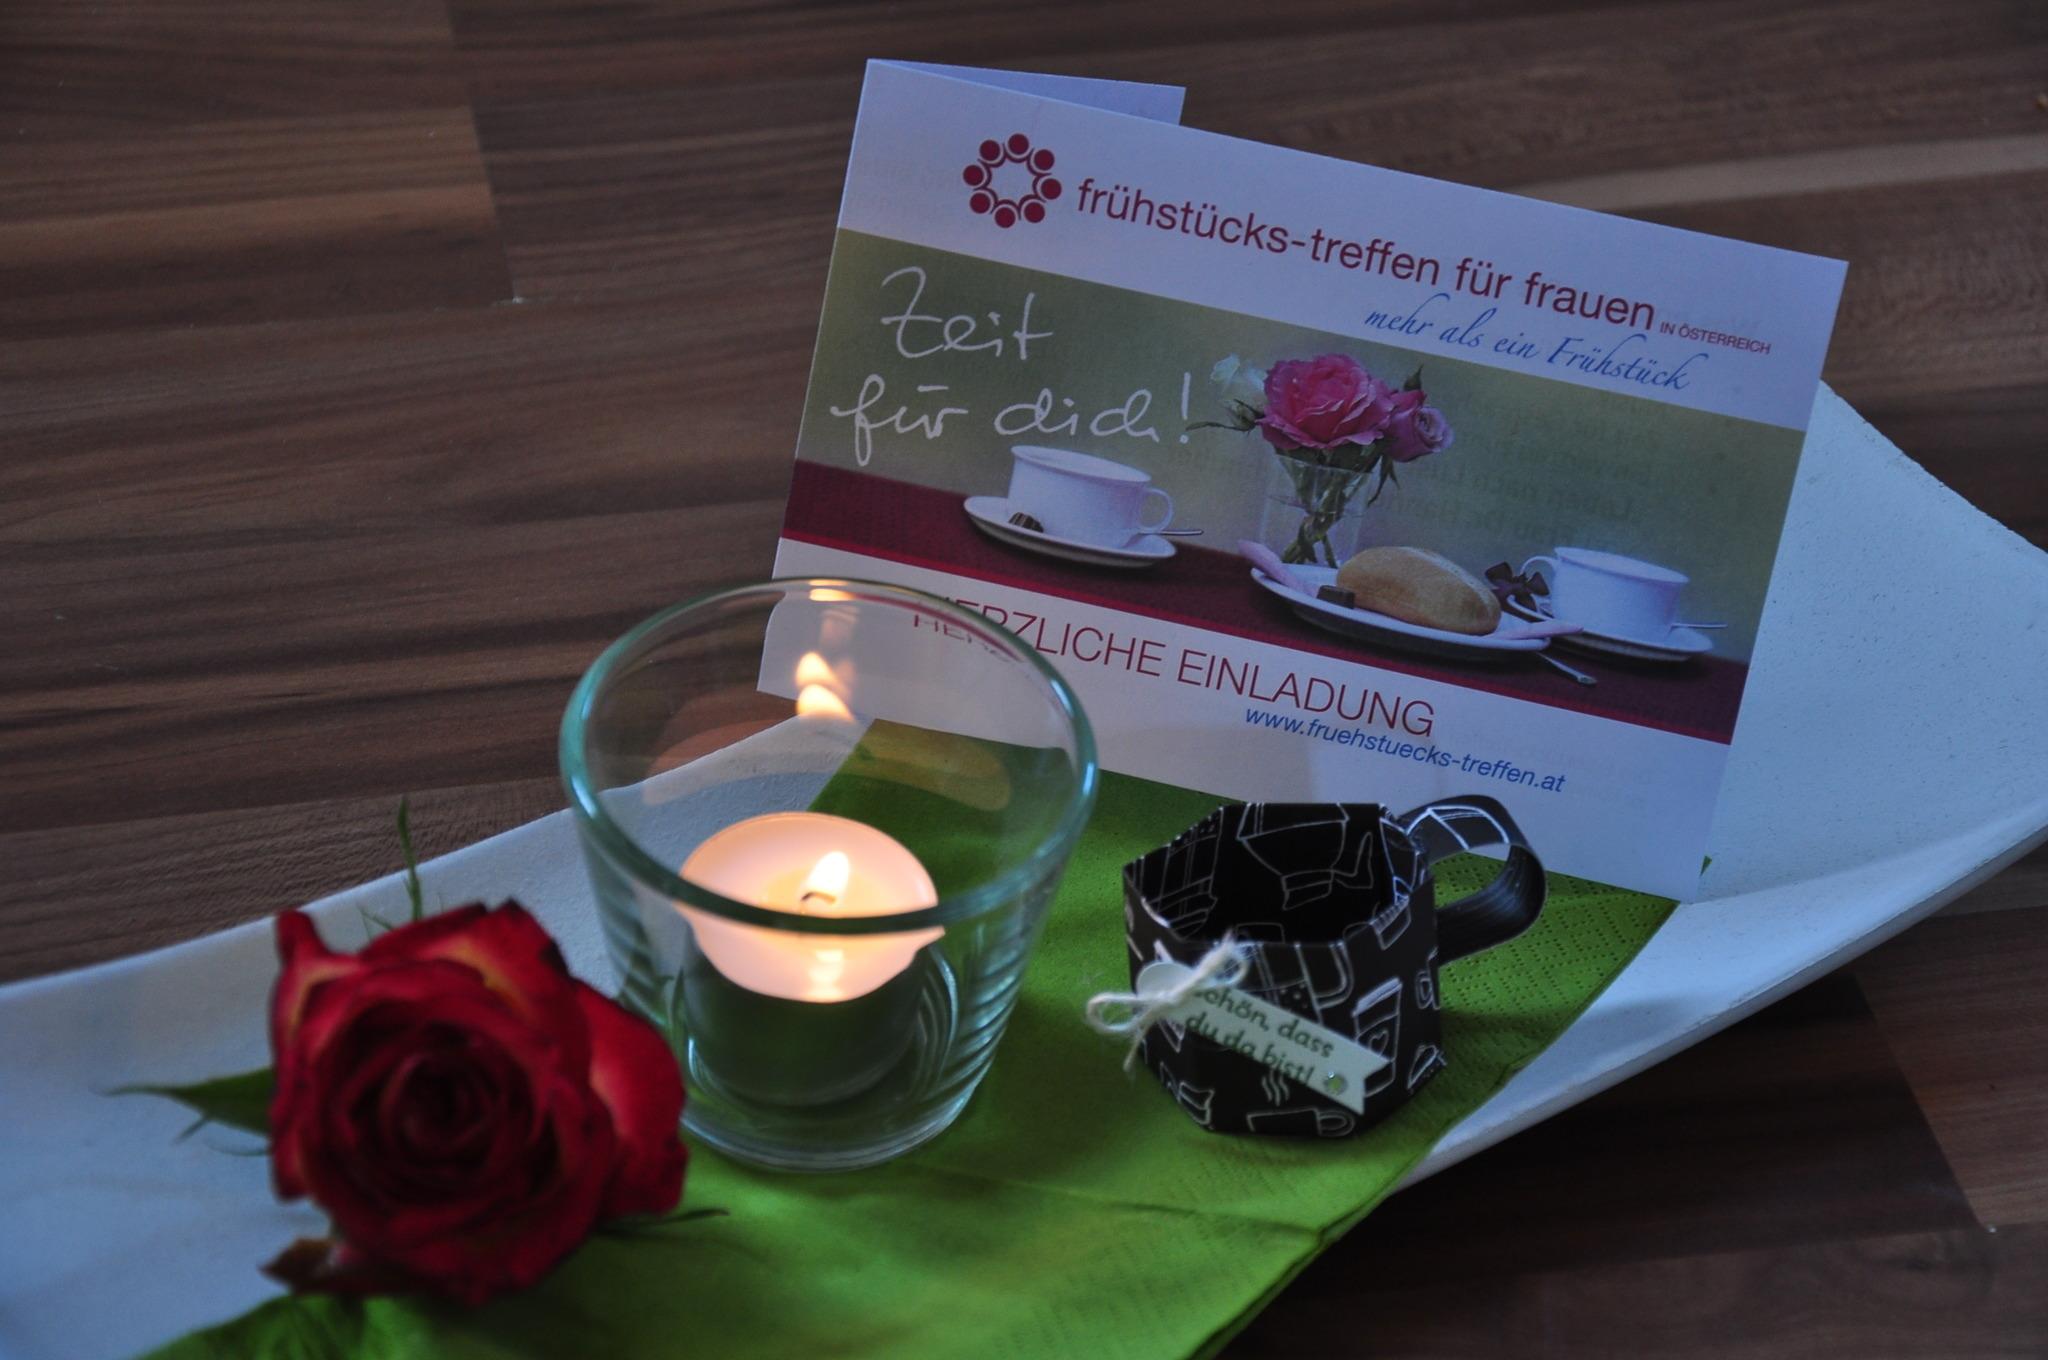 Frhstcks-treffen fr Frauen - intertecinc.com